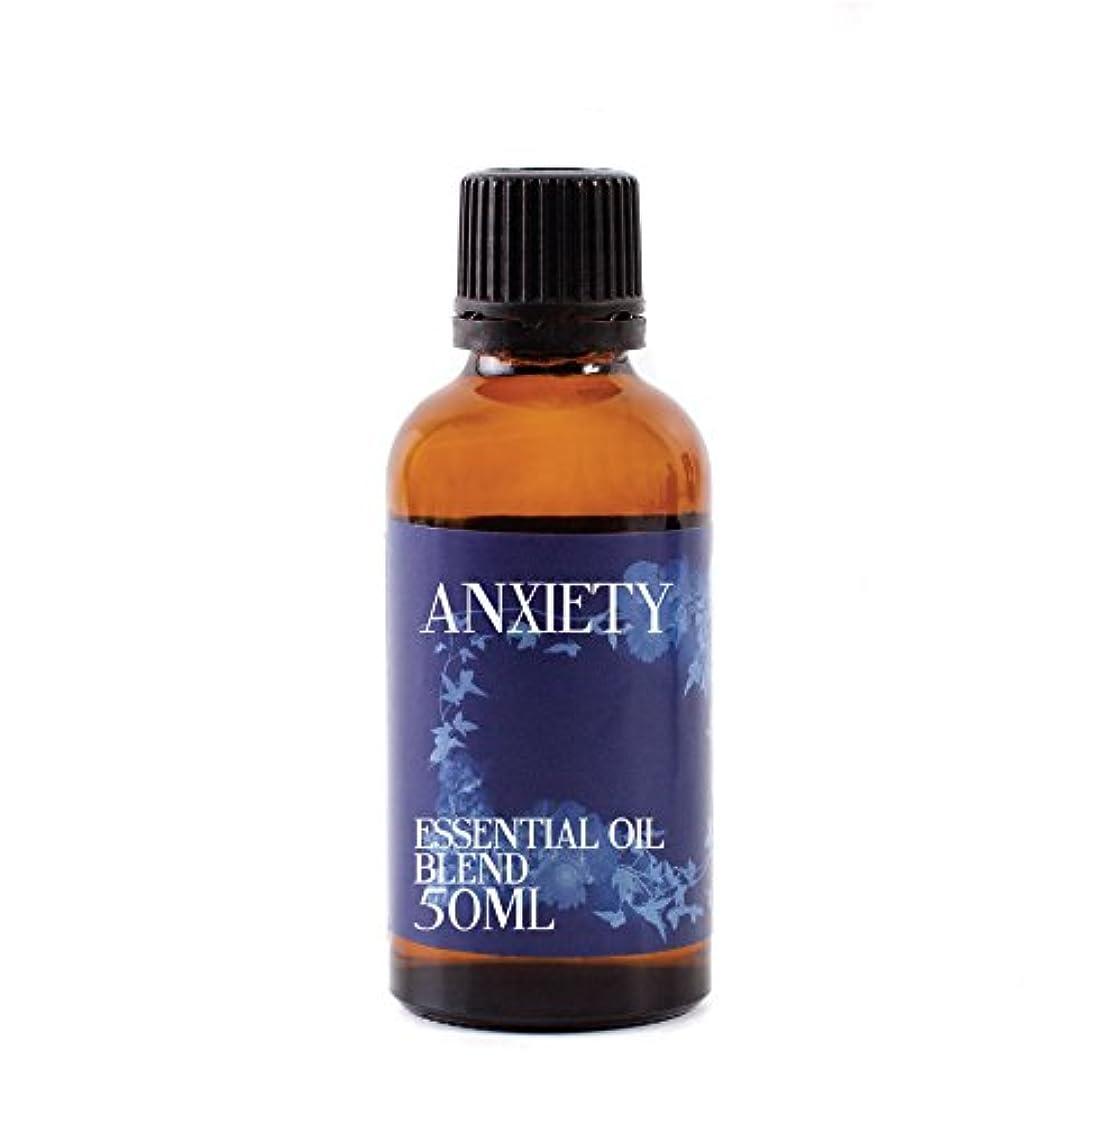 原子炉ラオス人のホストMystix London | Anxiety Essential Oil Blend - 50ml - 100% Pure